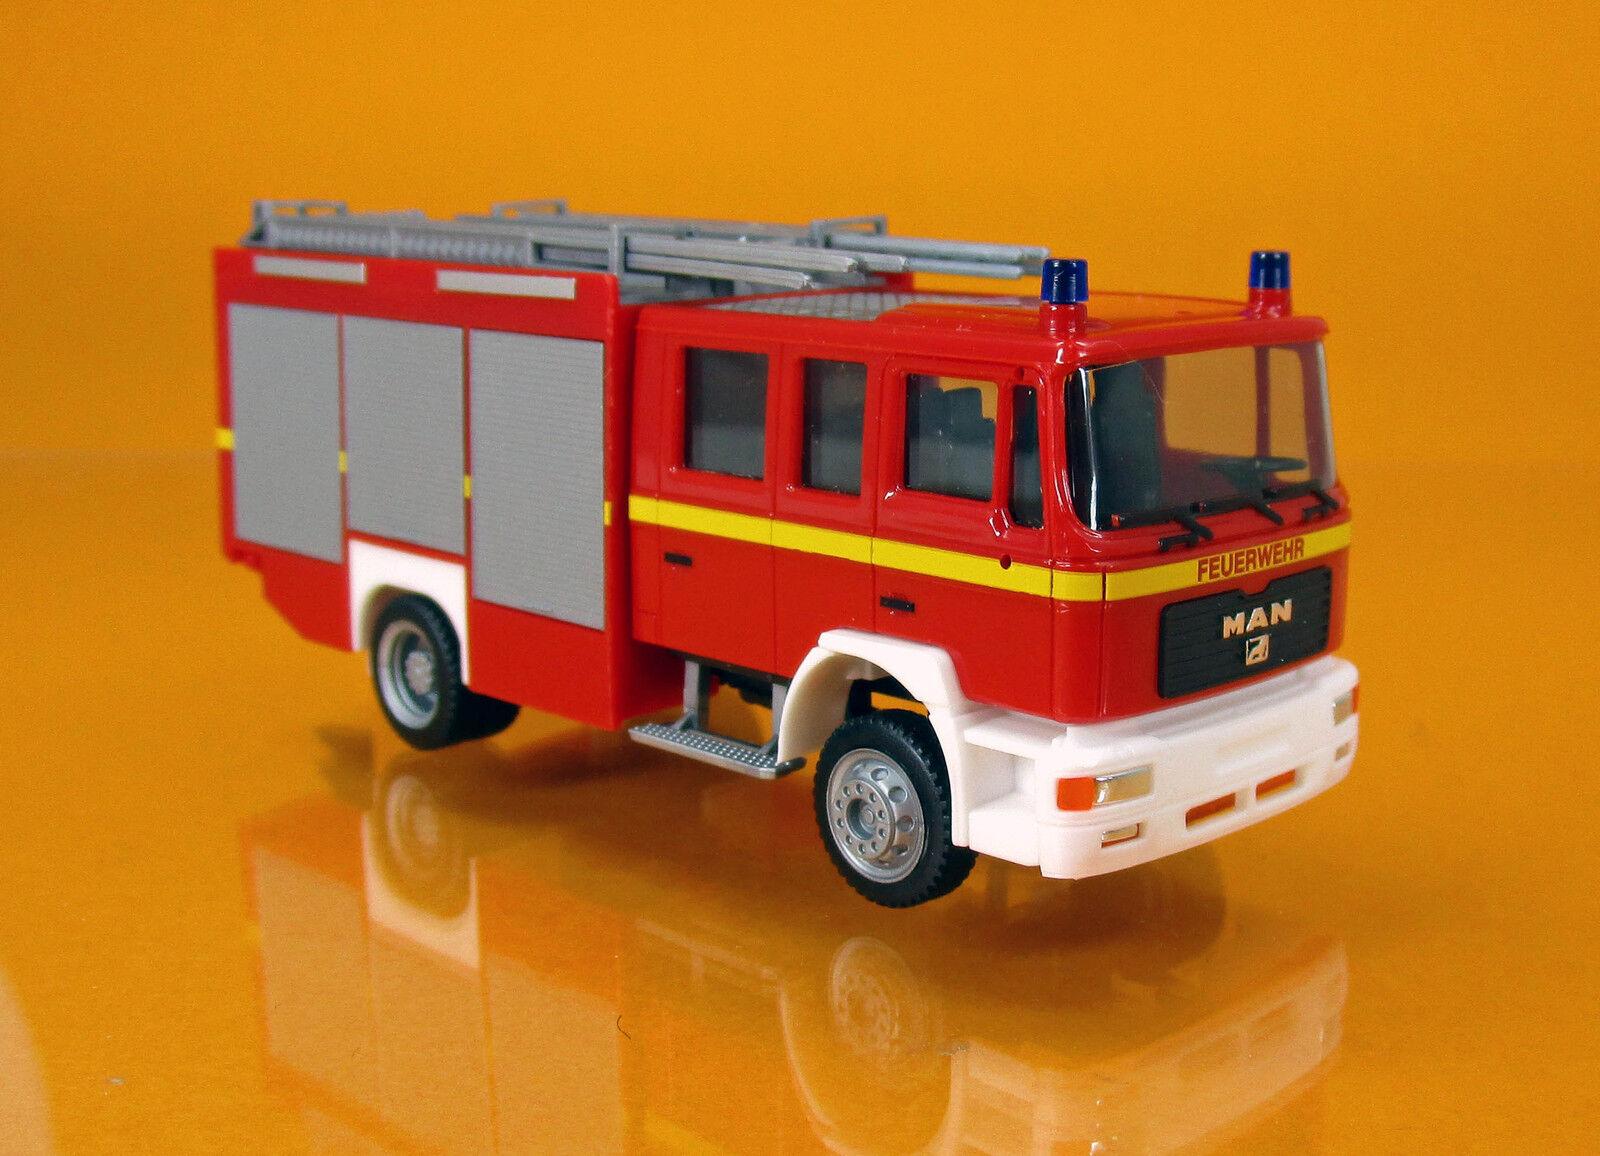 Herpa 092906 Man m2000 HLF pompiers neutre Imprimé Scale 1 87 Nouveau neuf dans sa boîte